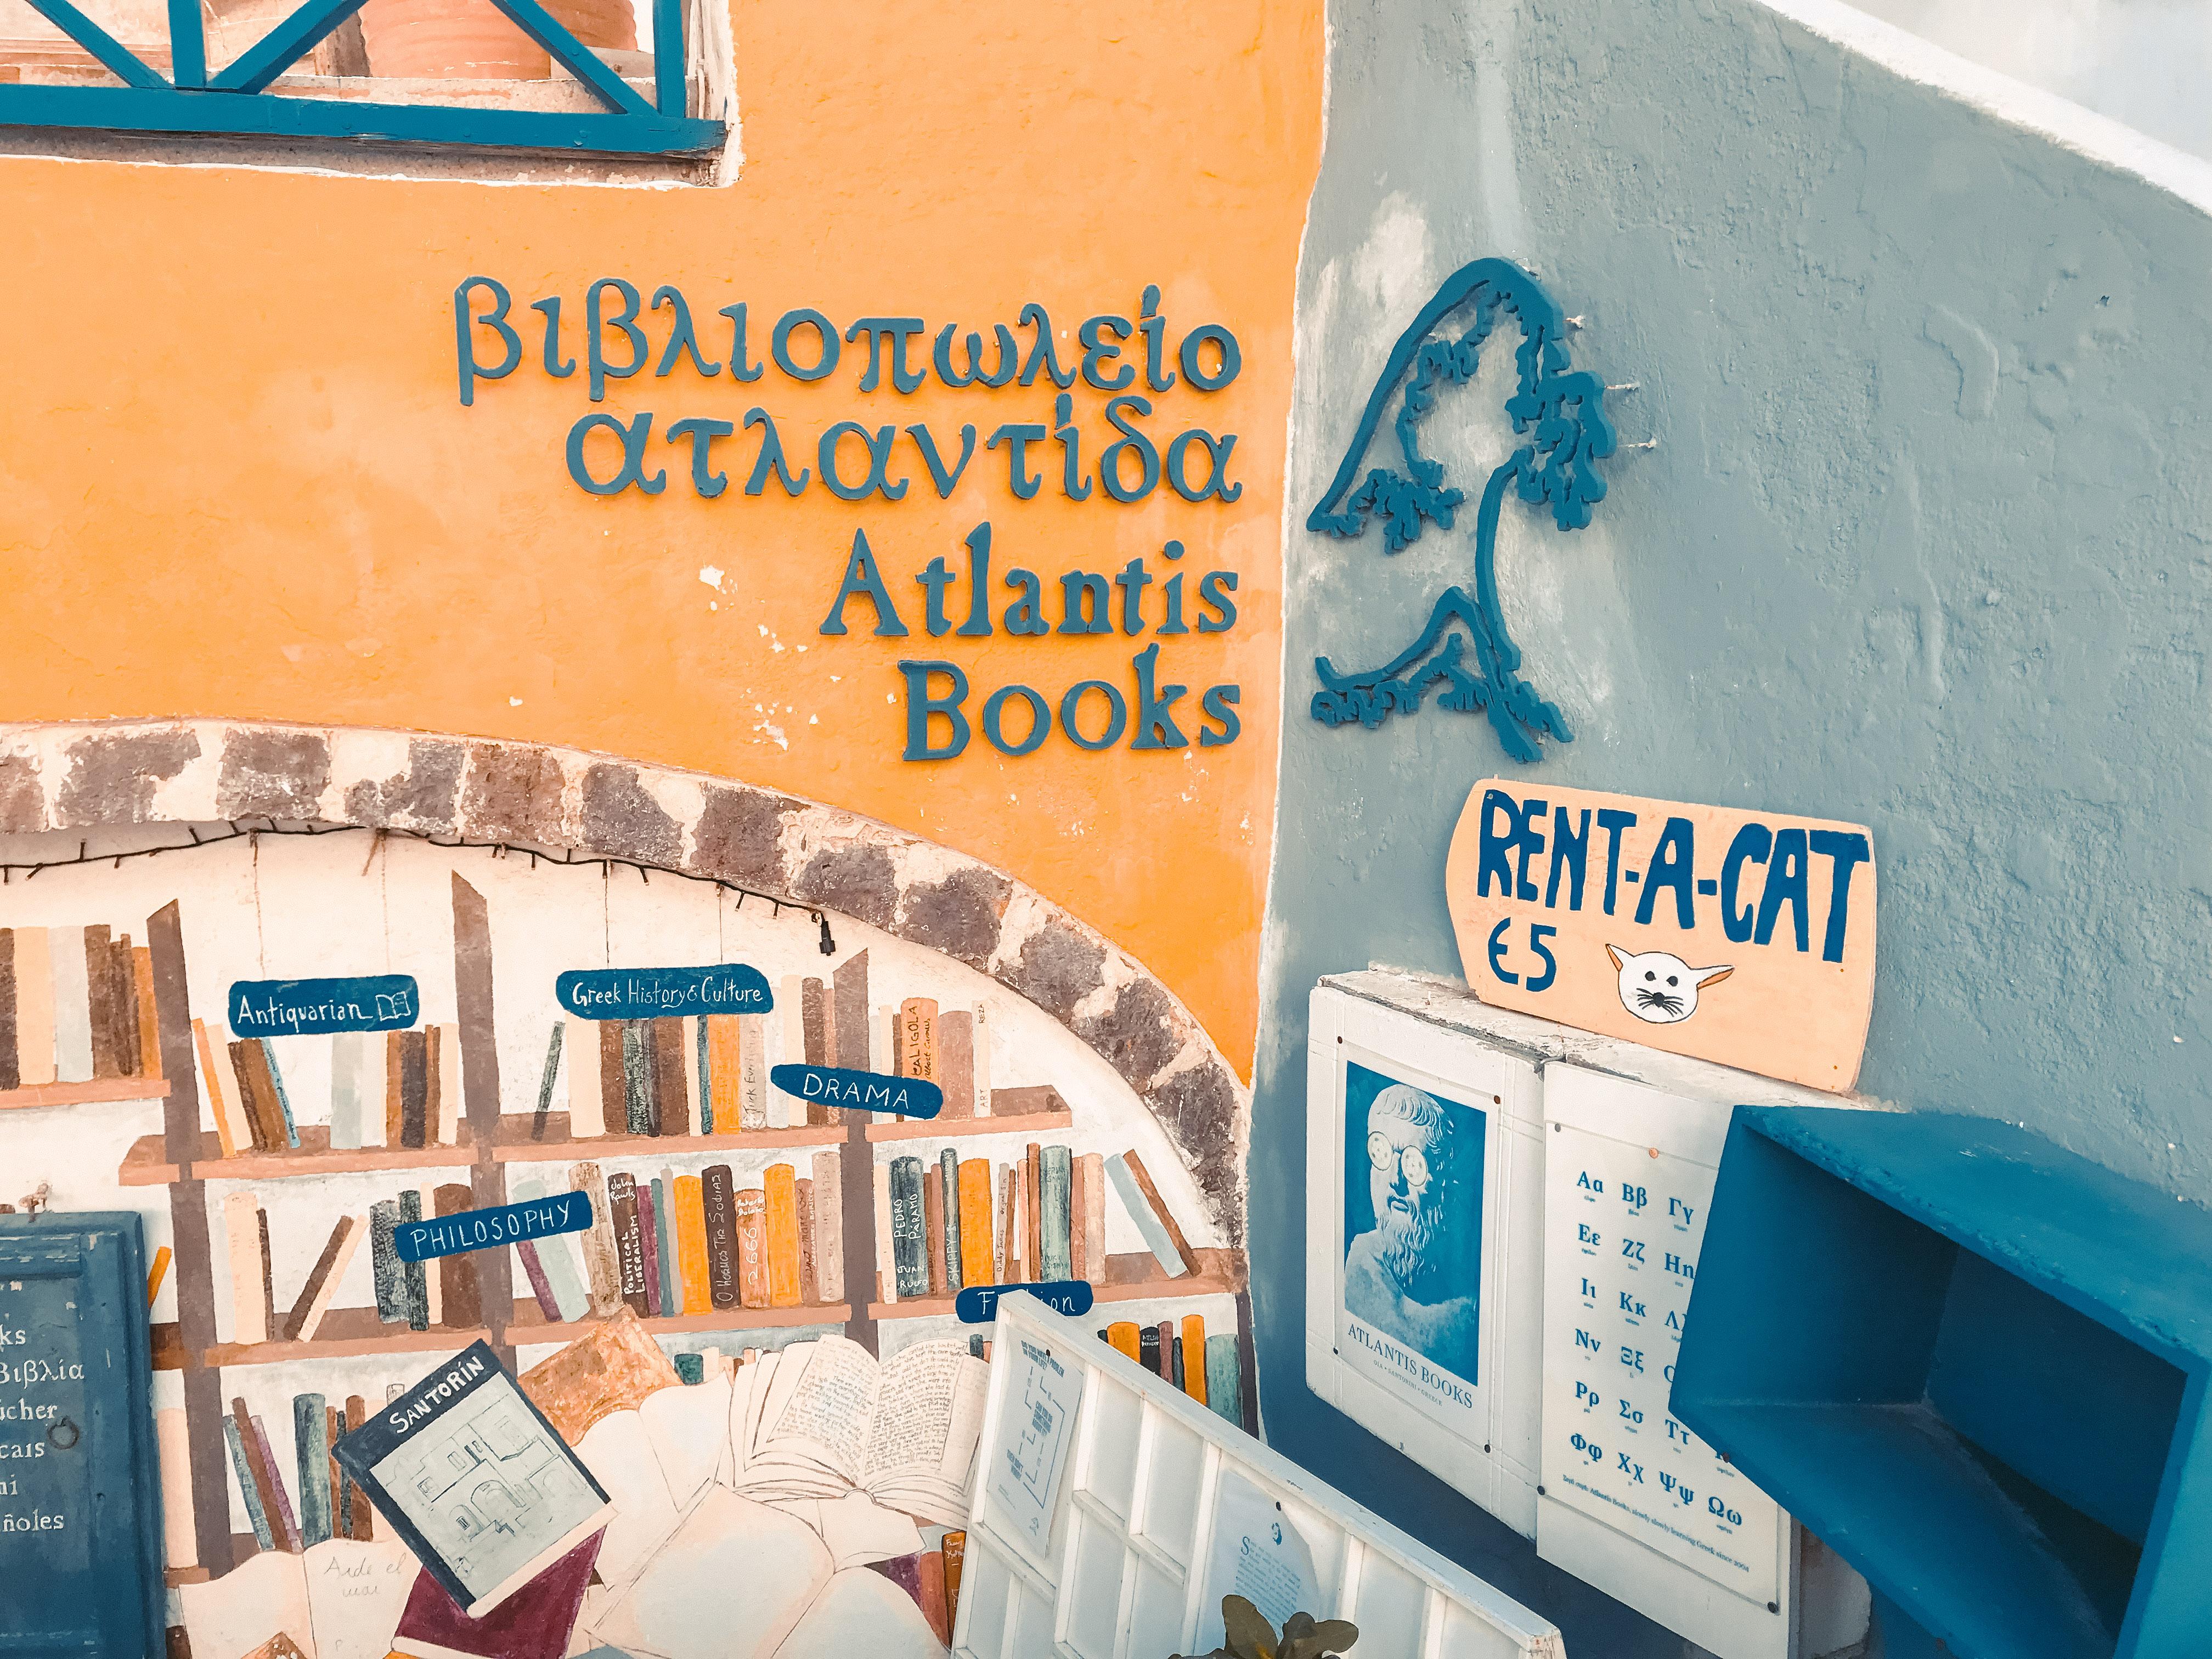 Atlantis Books Oia Venturology Lý Thành Cơ 13